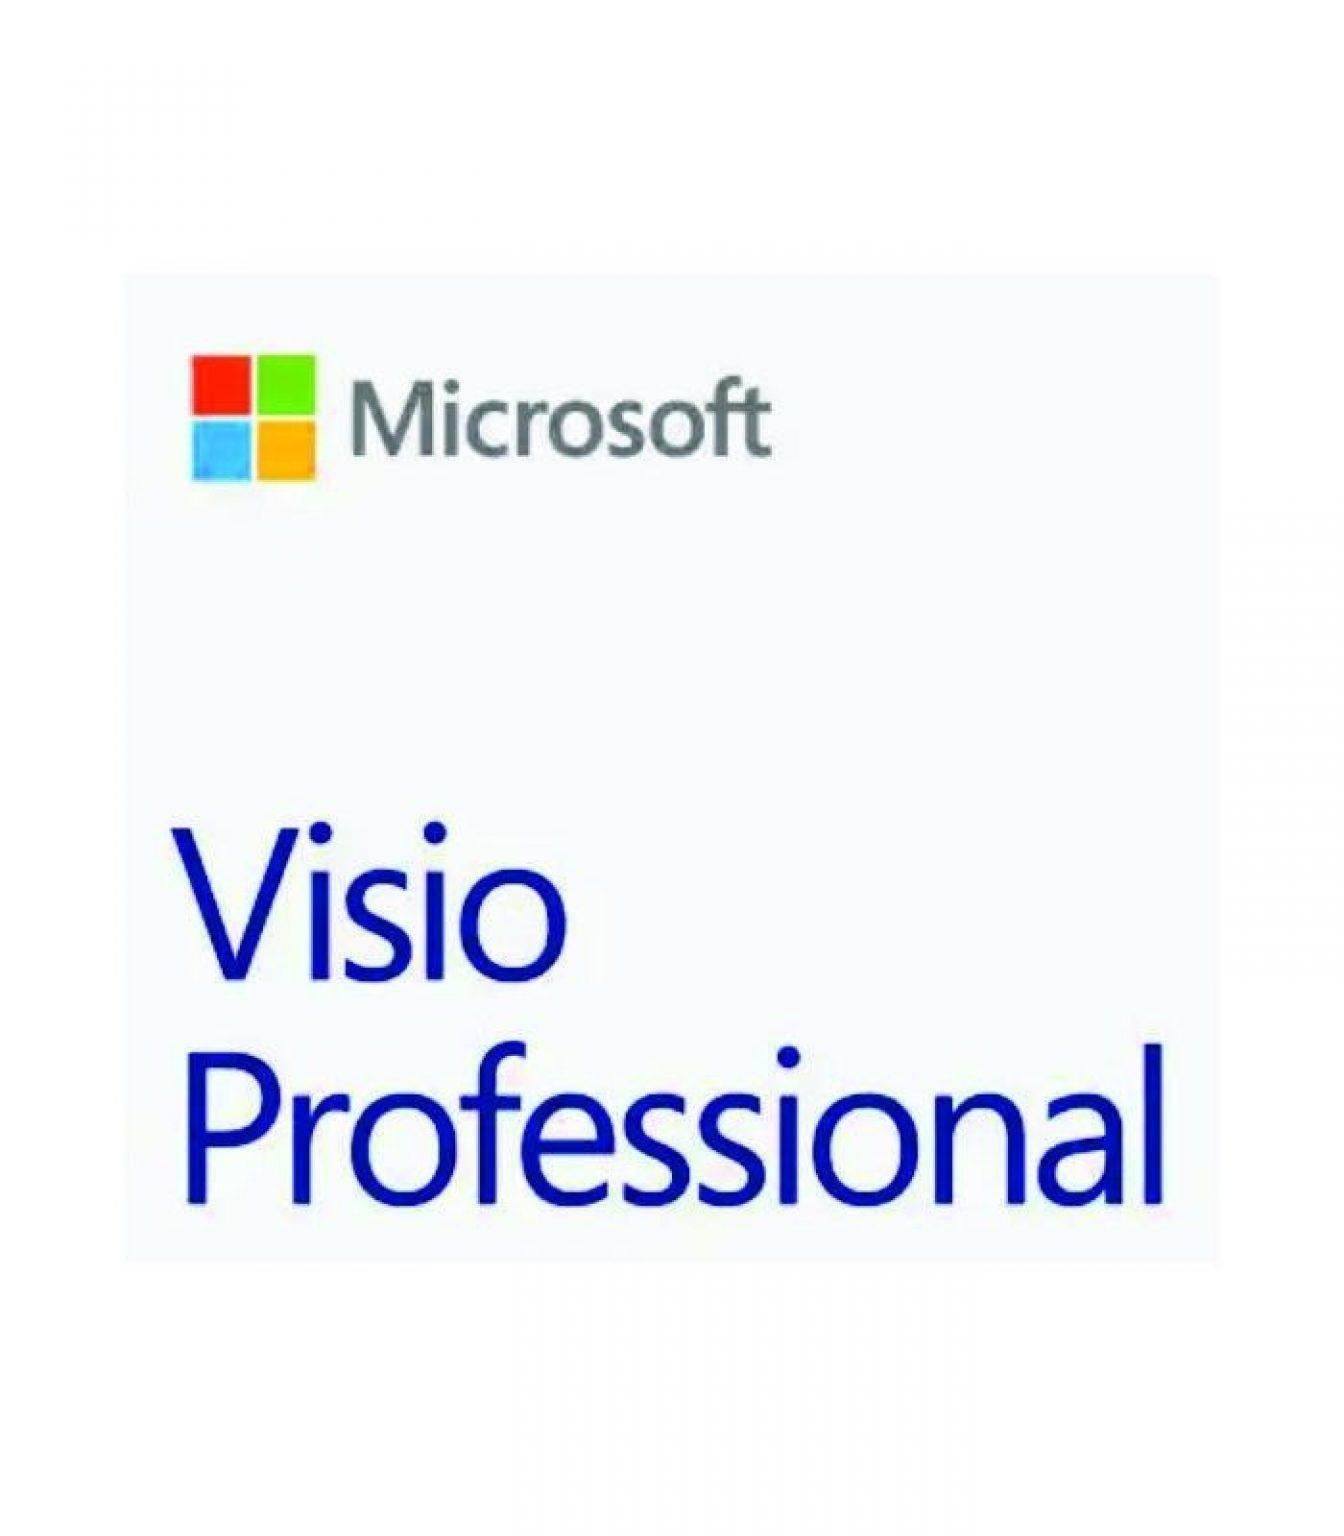 MICROSOFT - [Visio Professional]VisioPro LicSAPk OLP NL Gov[Pemerintah]